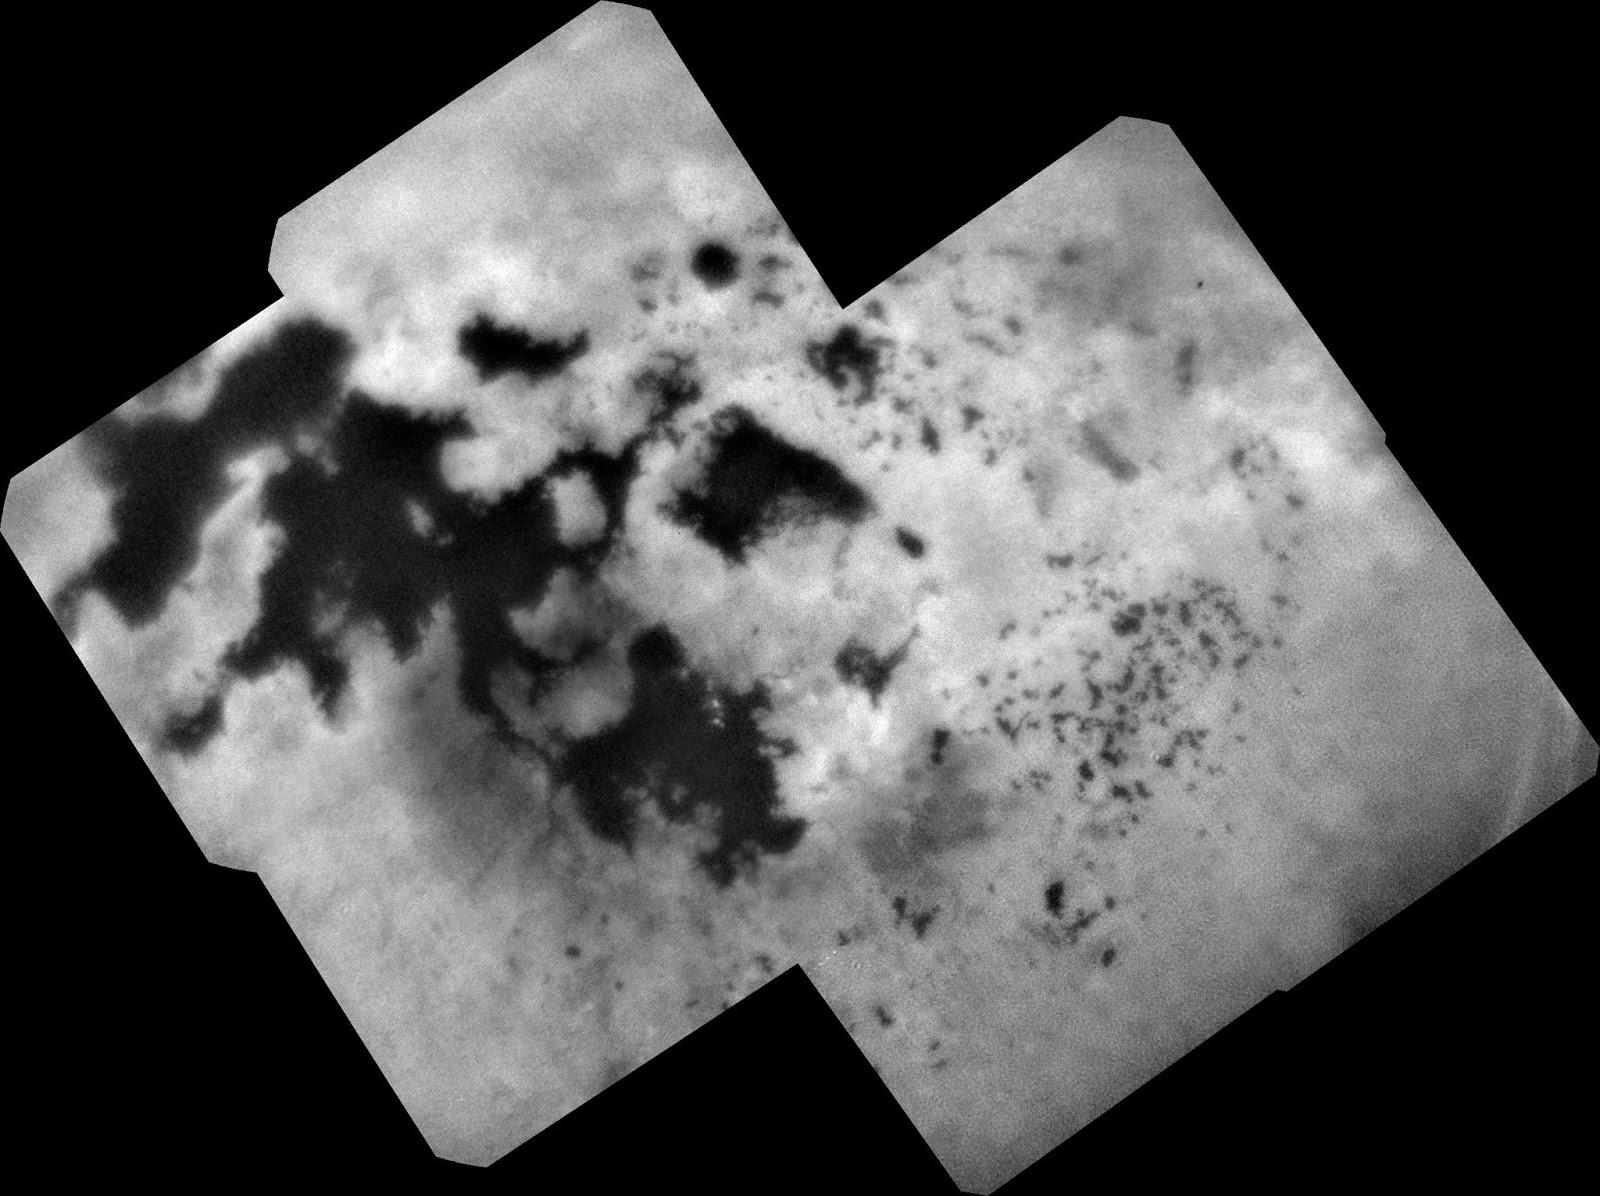 Imagen de Titán, luna de Saturno, capturada por la misión Cassini de la NASA